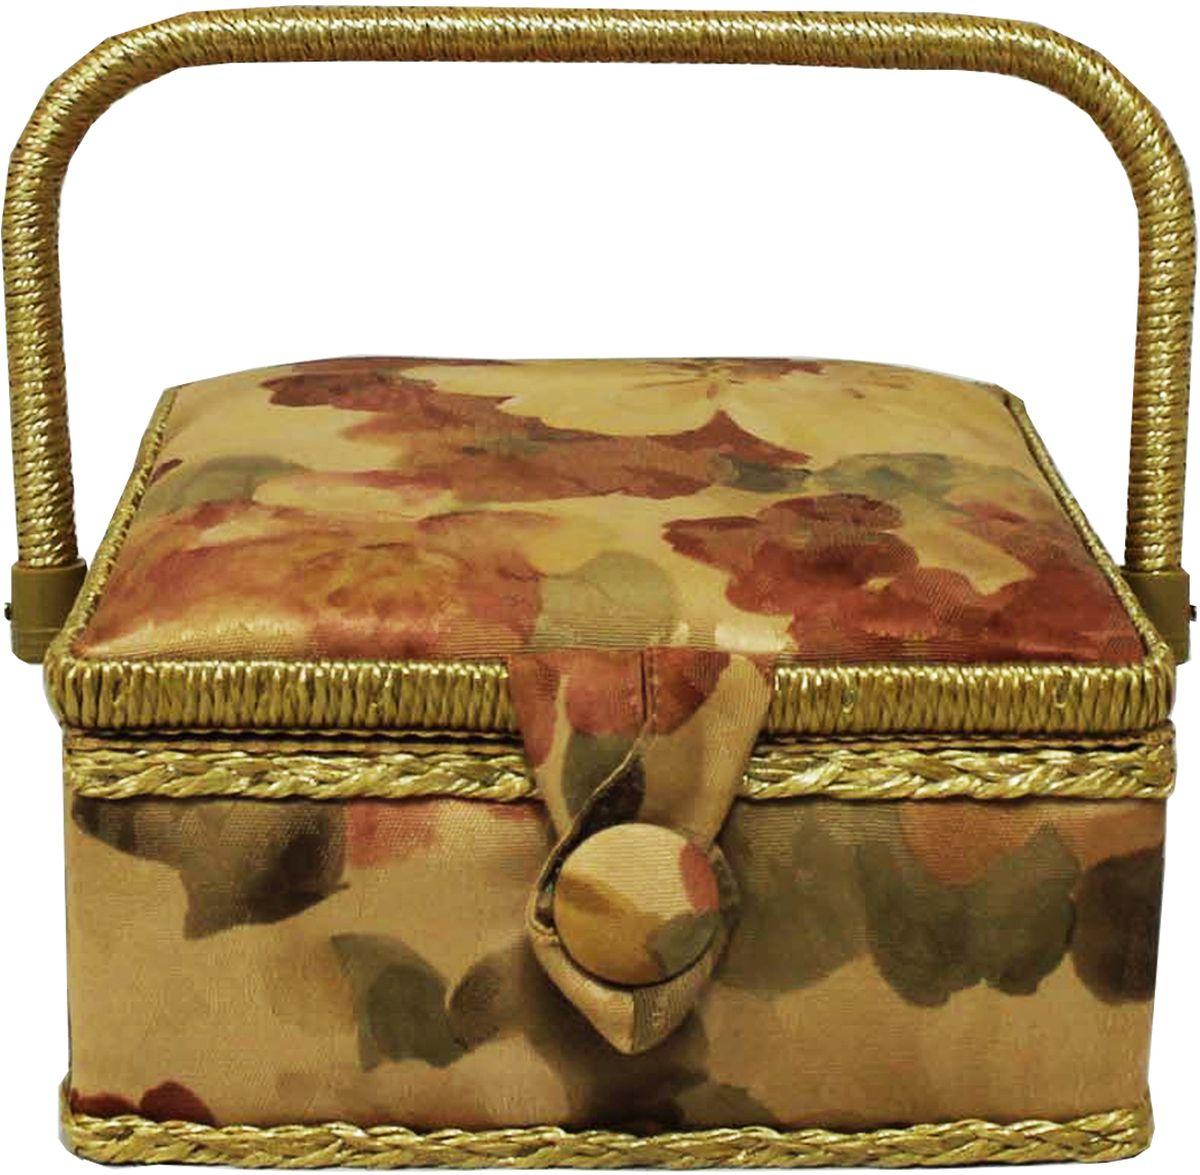 Шкатулка для рукоделия Grace & Glamour, 20 х 20 х 11 см. BN4744BN4744Гобеленовая шкатулка из коллекции Акварельные маки выполнена с использованием натуральных материалов: каркас из дерева обтянут дизайнерской тканью (100% хлопок) с мягким наполнителем. Внутри шкатулка отделана искусственным шелком, имеется кармашек на резинке и шелковая игольница с двумя булавками. Шкатулка оснащена пластиковым вкладышем с 3 отсеками для мелочей. Ручка и края отделаны натуральным ротангом, который не только украшает шкатулку, но и оберегает края. Шкатулка поможет рукодельнице сорганизовать свое рабочее место, а значит, сократить время на создание своего творения. А кроме того, украсит любой интерьер и будет радовать свою обладательницу долгие годы благодаря качественному исполнению и материалам. Прекрасный подарок любой женщине!